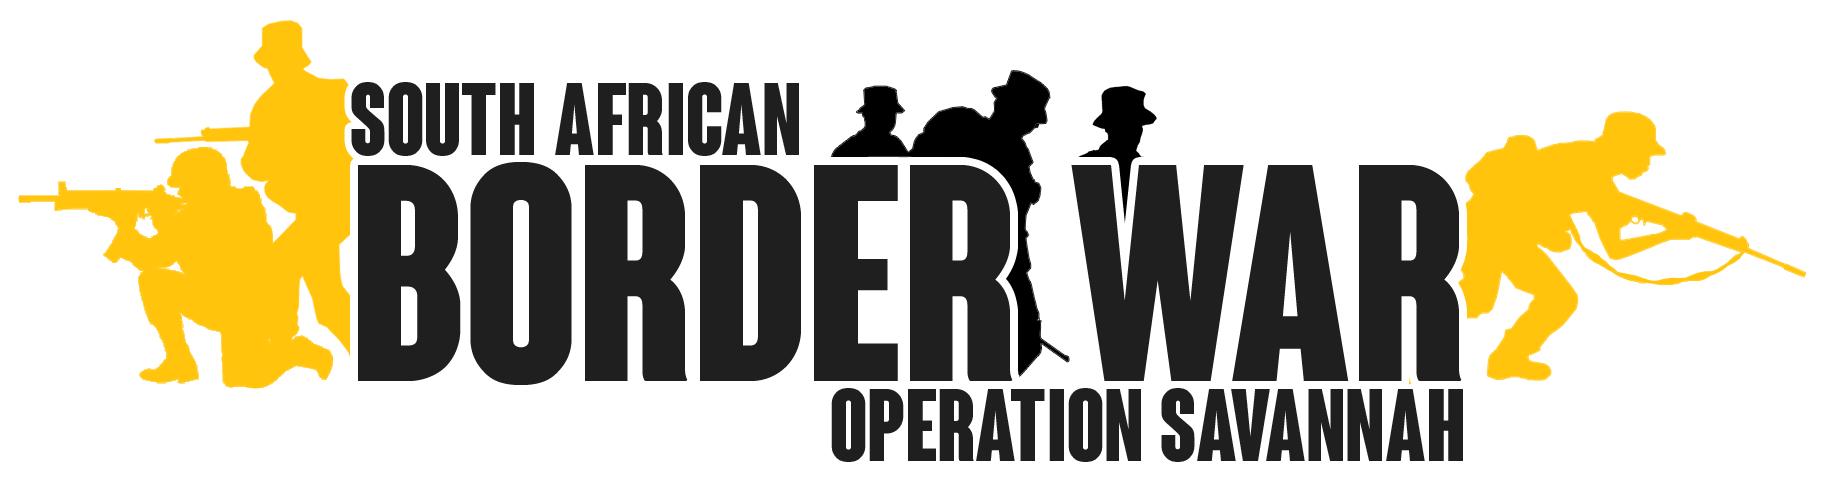 https://cdn.discordapp.com/attachments/510511727230713871/510794130914410506/South_African_Border_War_Logo_5.png